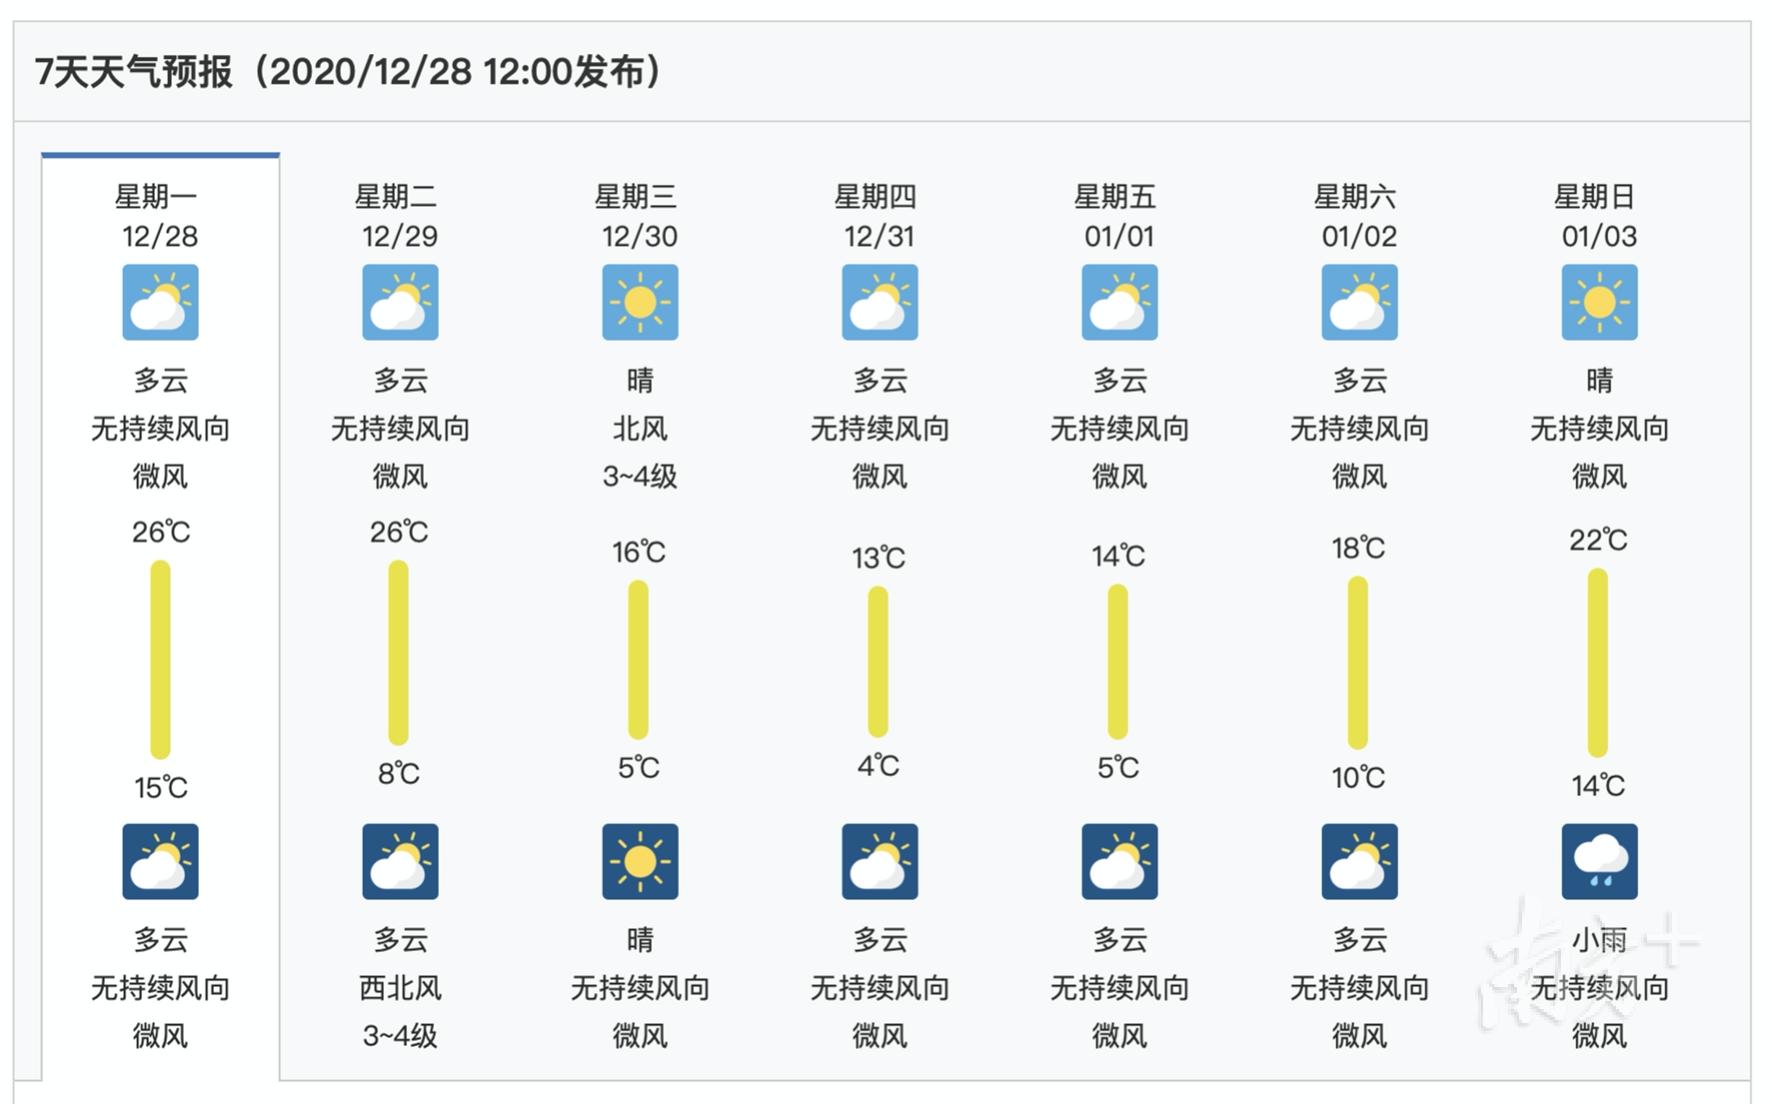 数据来着中国气象局>天气预报>广东>揭阳。